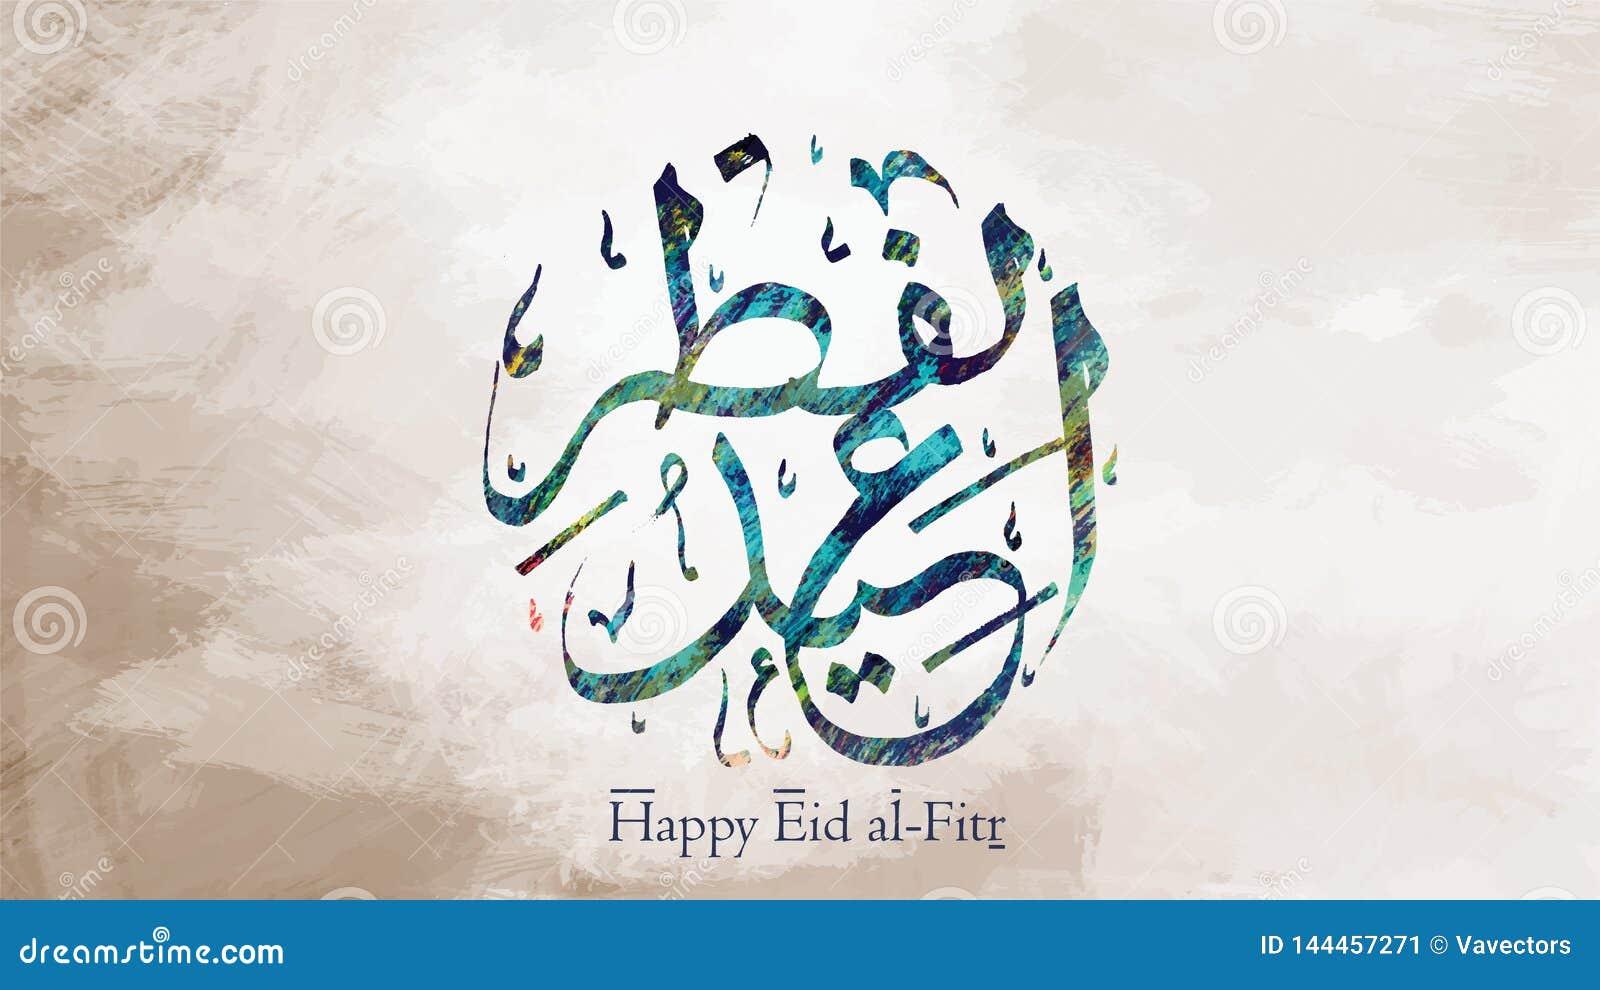 Glückliches Eid in den arabischen Kalligraphie-Grüßen für islamische Gelegenheiten wie eid UL-adha und eid UL-fitr mit altem Konz